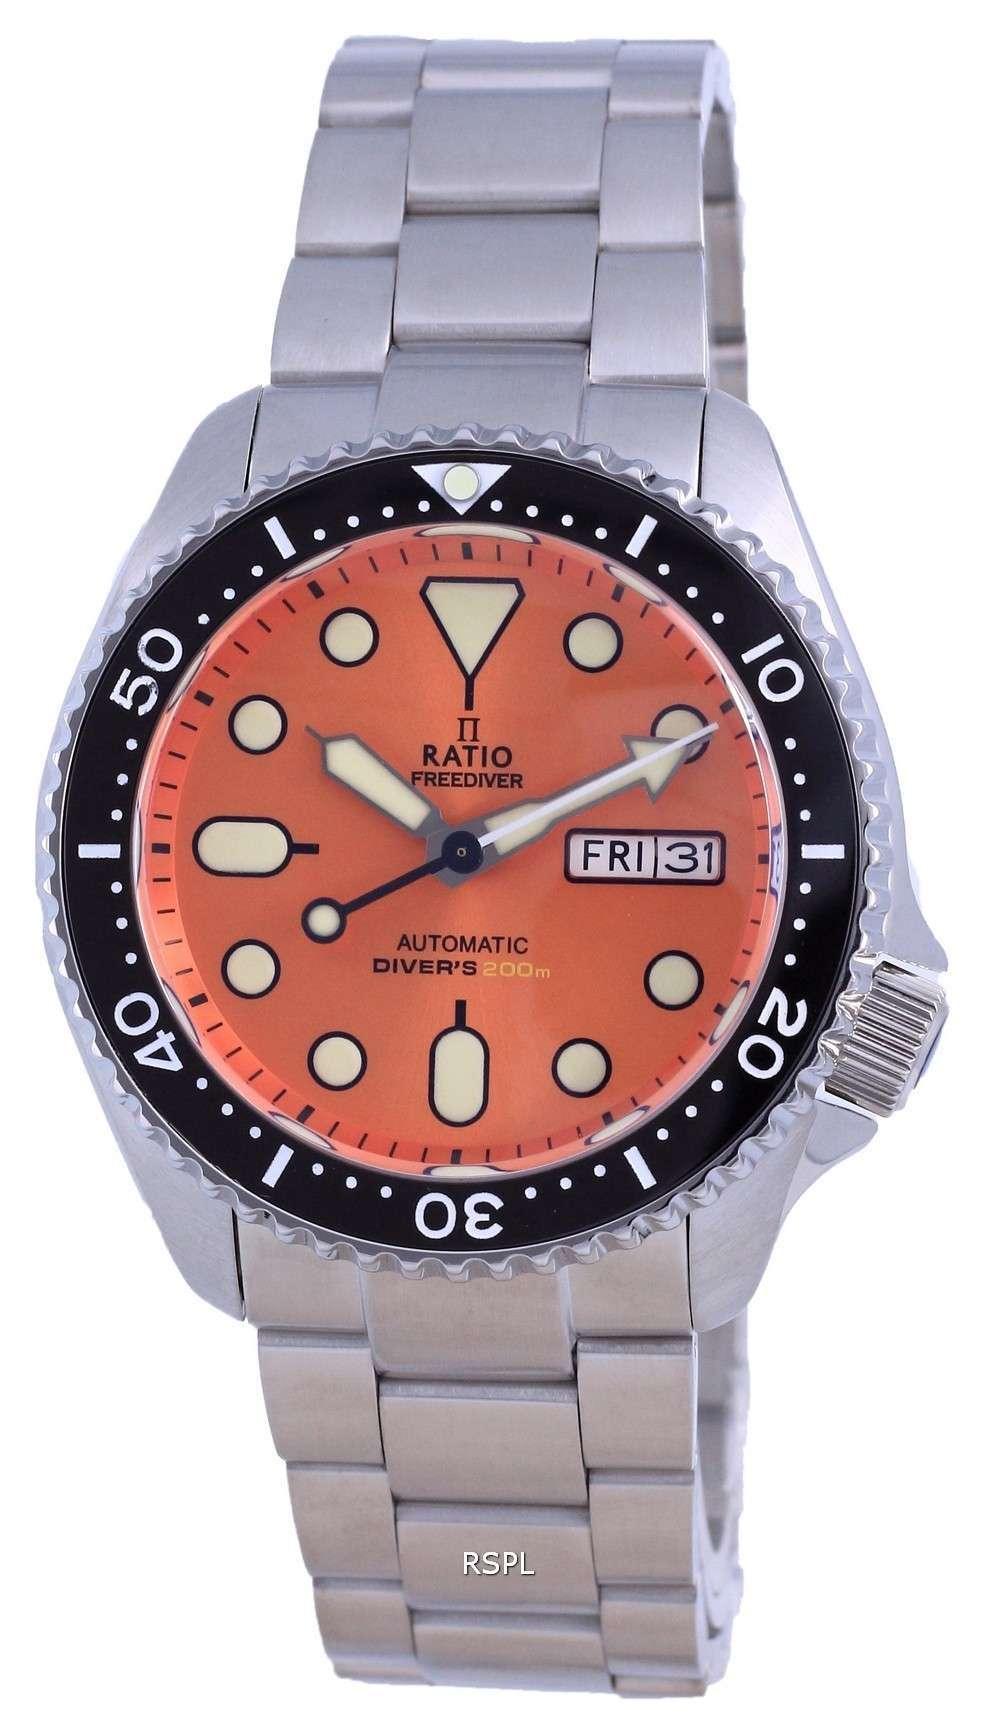 Ratio FreeDiver, esfera naranja, acero inoxidable, automático, RTA114, 200M, reloj para hombre